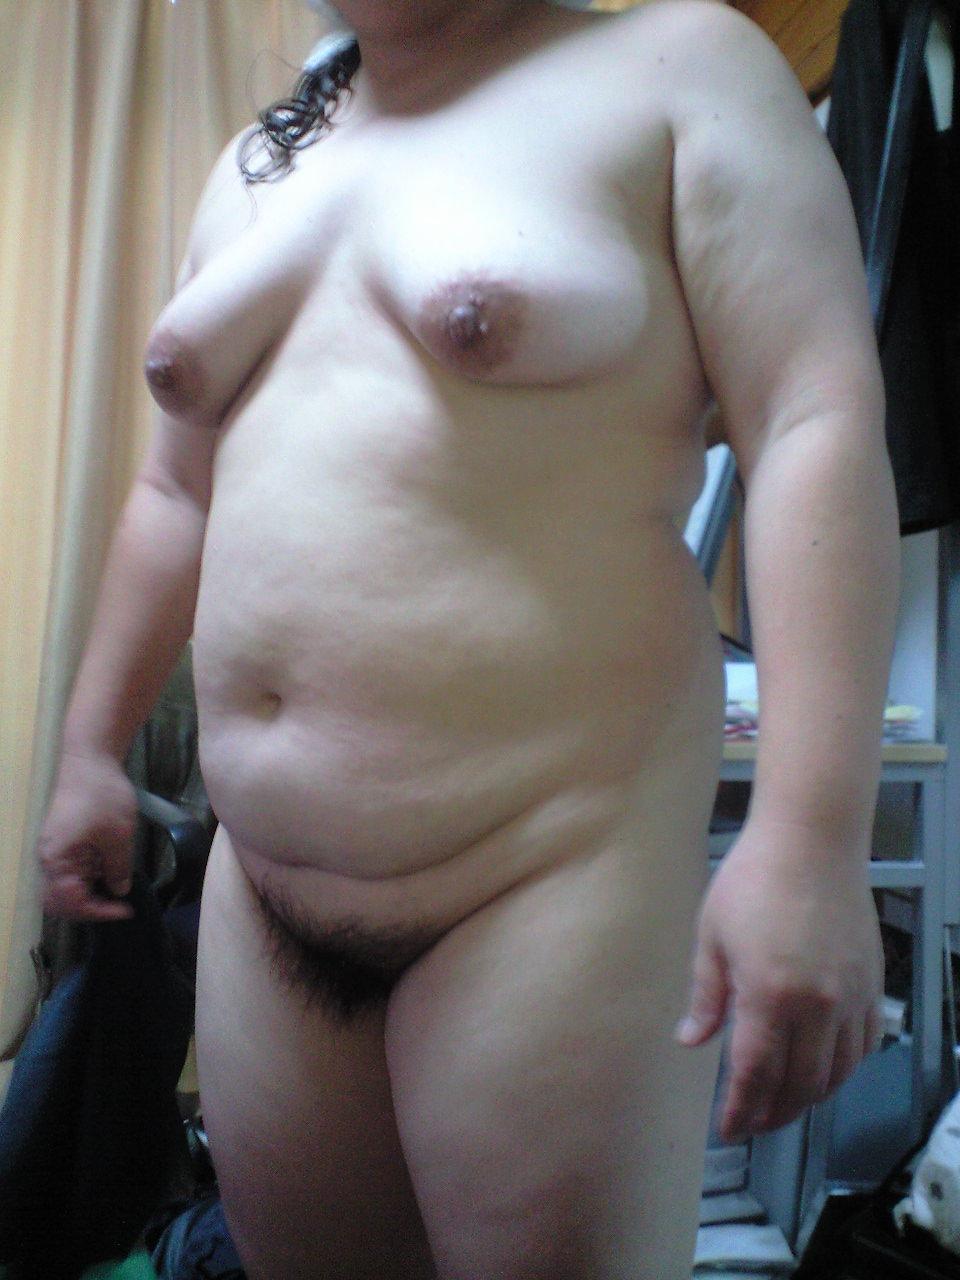 デブス貧乳で剛毛な素人セフレハメ撮り流出エロ画像1枚目